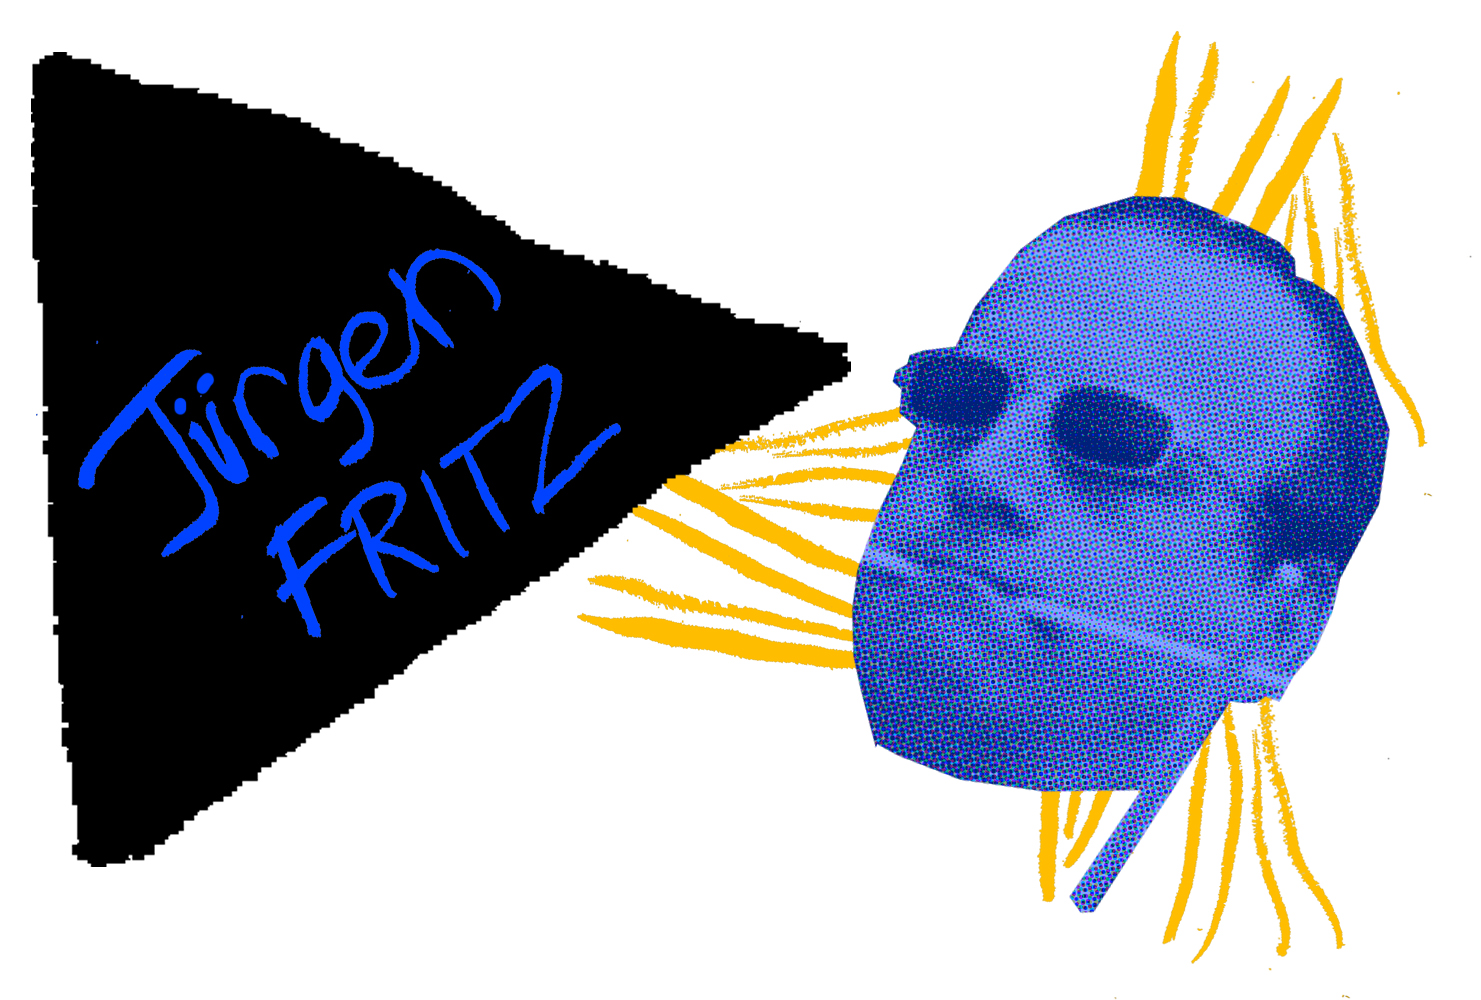 JurgenFritzBlue